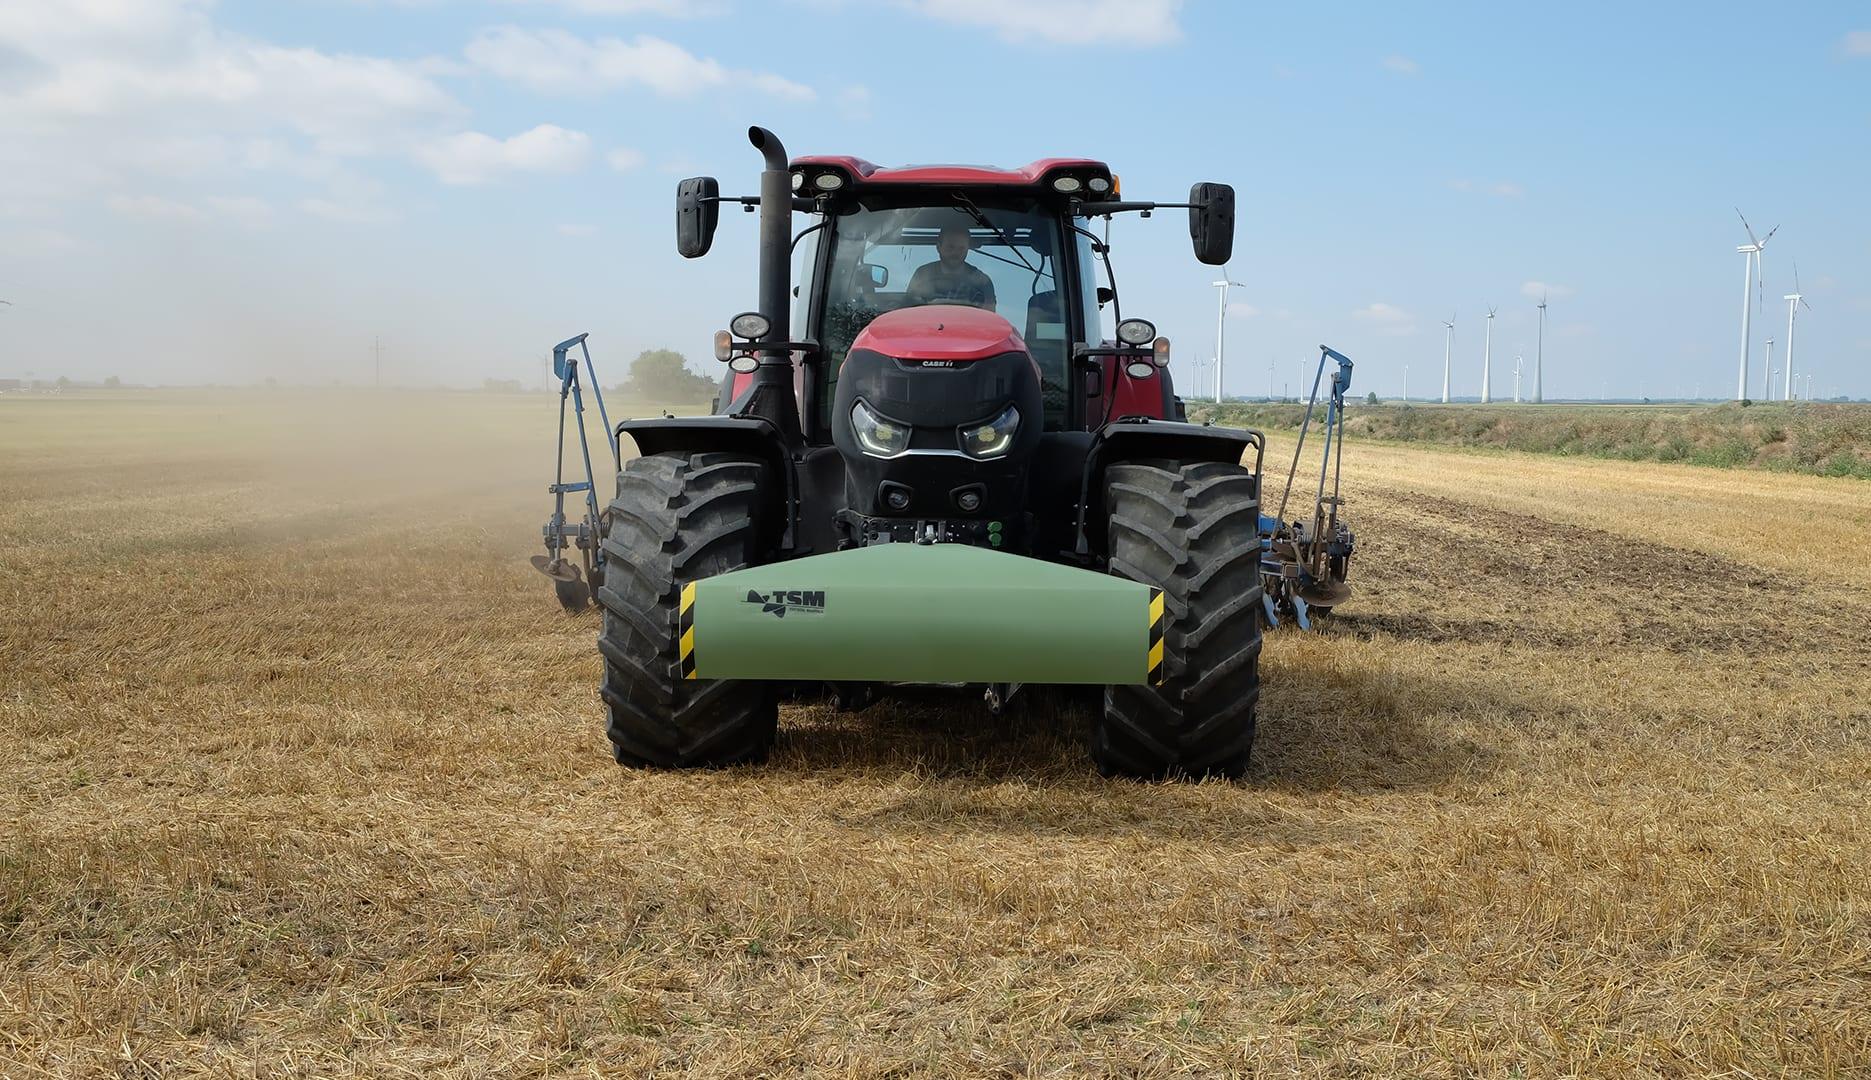 Topsoil Mapper Grün an der Front eines Traktors im Einsatz am Feld